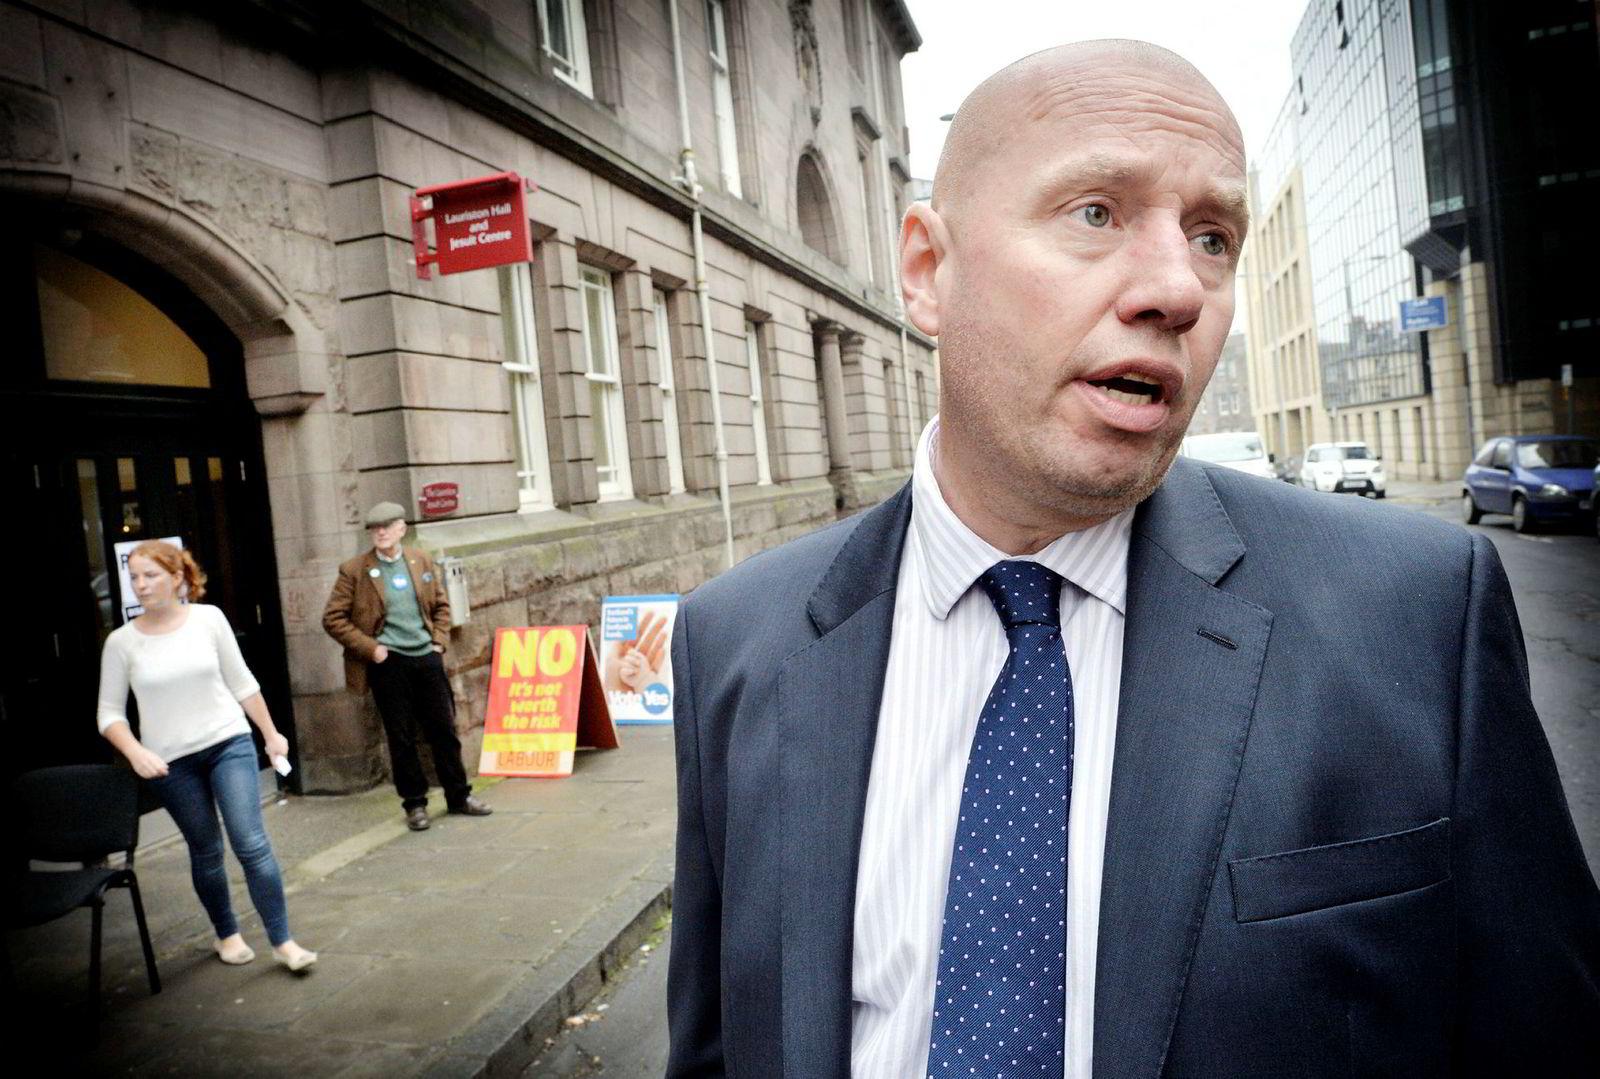 Storbritannia-ekspert Jan Erik Mustad, her utenfor et valglokale i sentrum av Edinburgh.